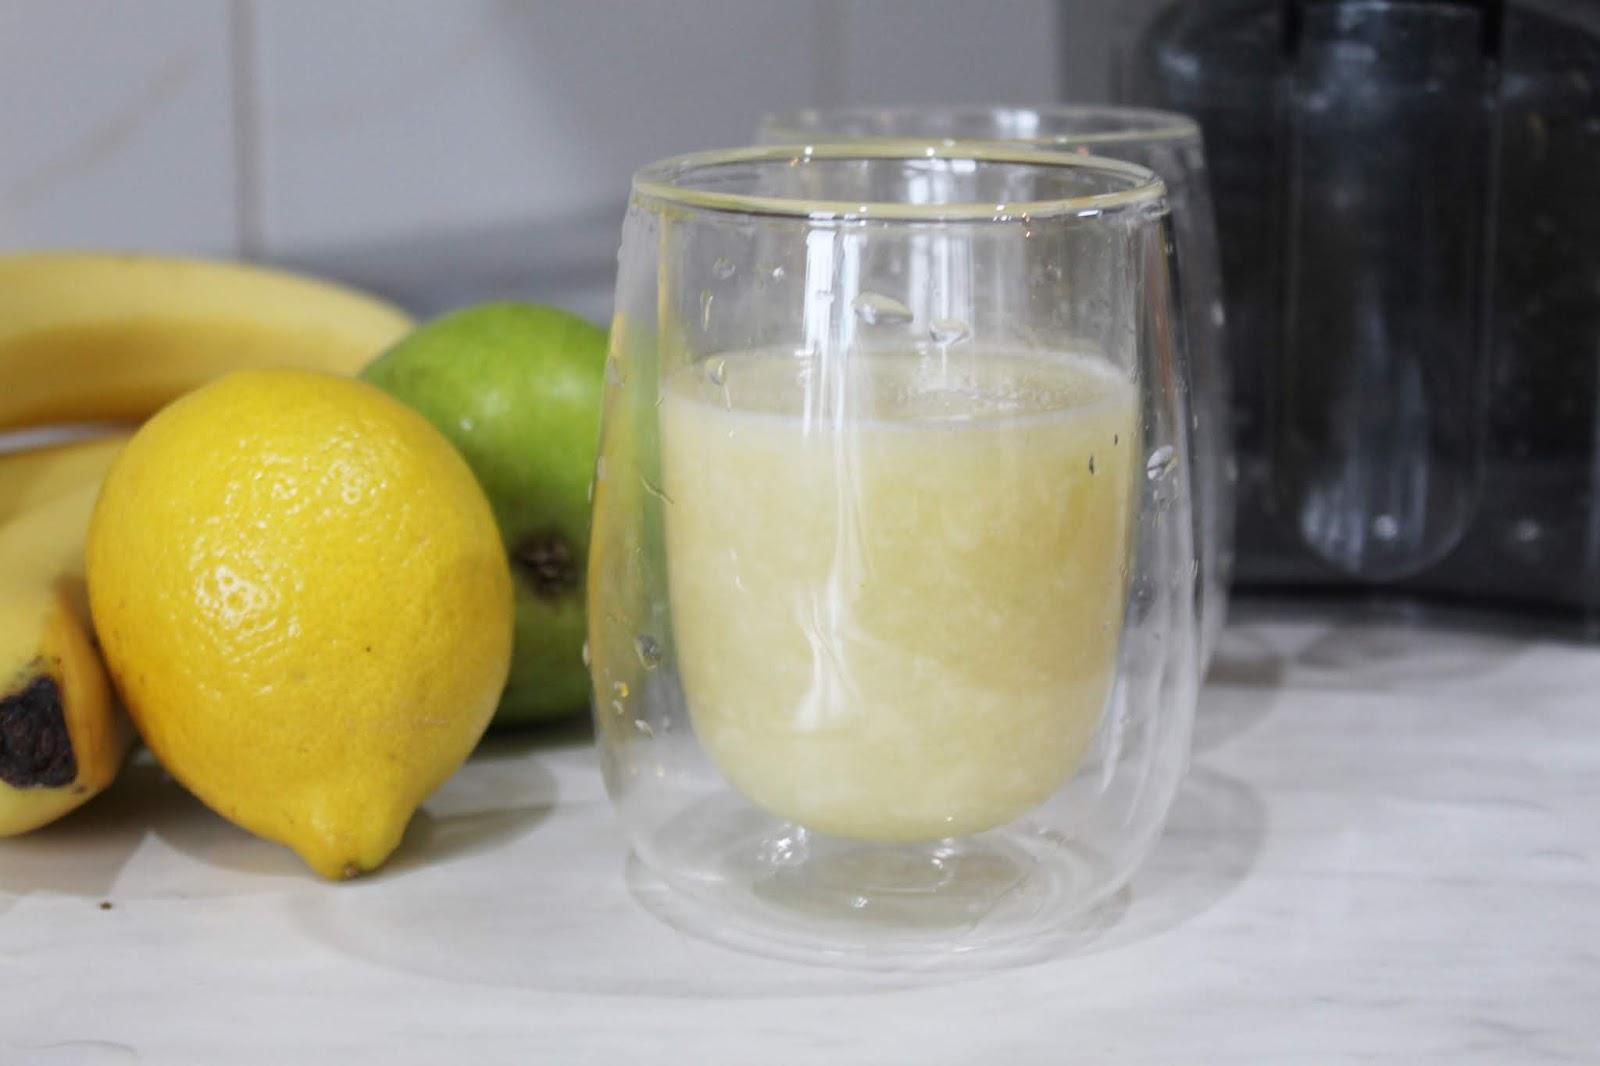 cytrynowy detoks - sok z cytryny, gruszki i banana na oczyszczenie organizmu z toksyn